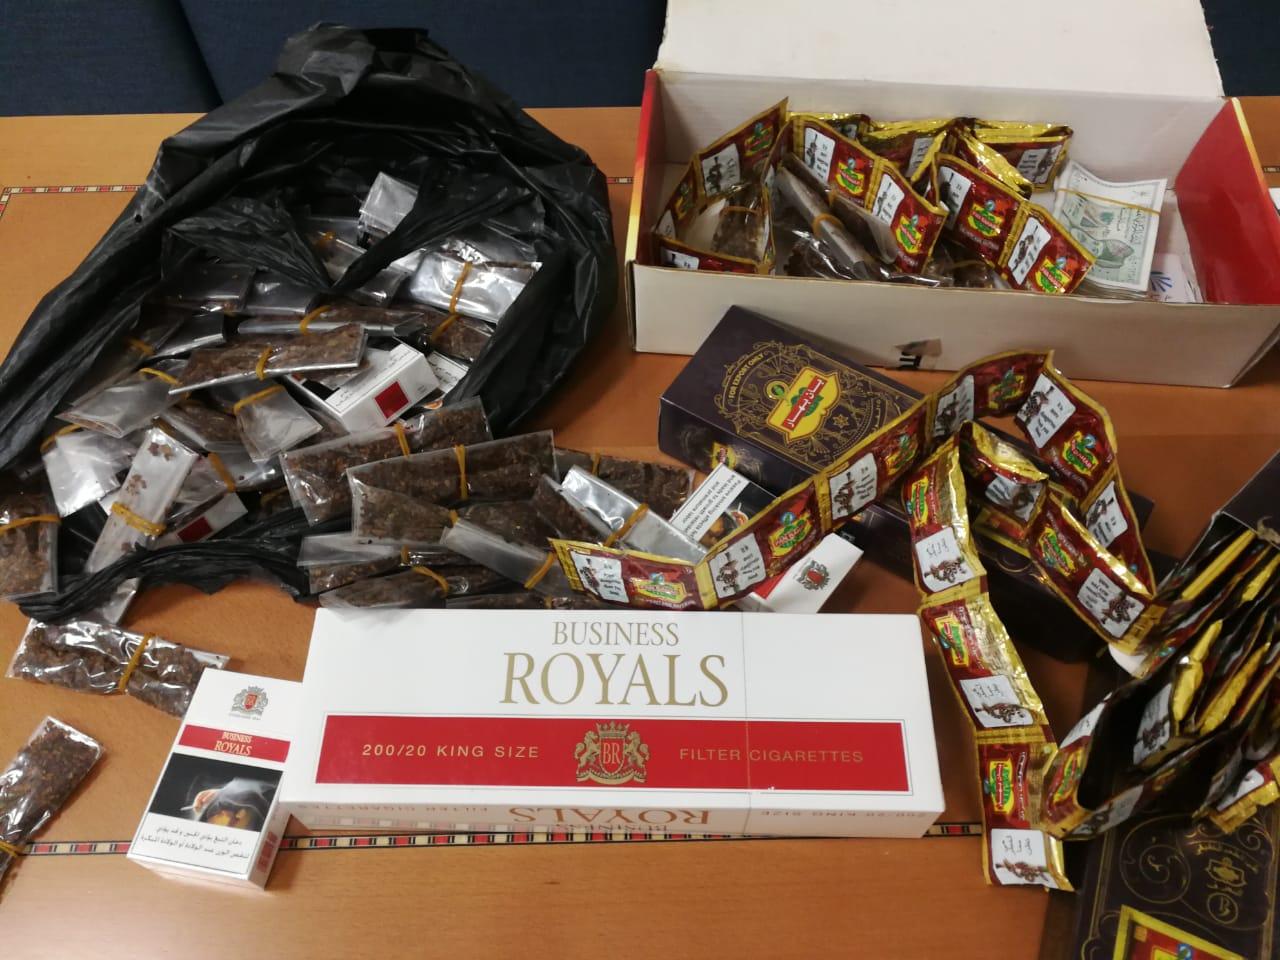 مداهمة قوى عاملة تمارس بيع التبغ بالمصنعة